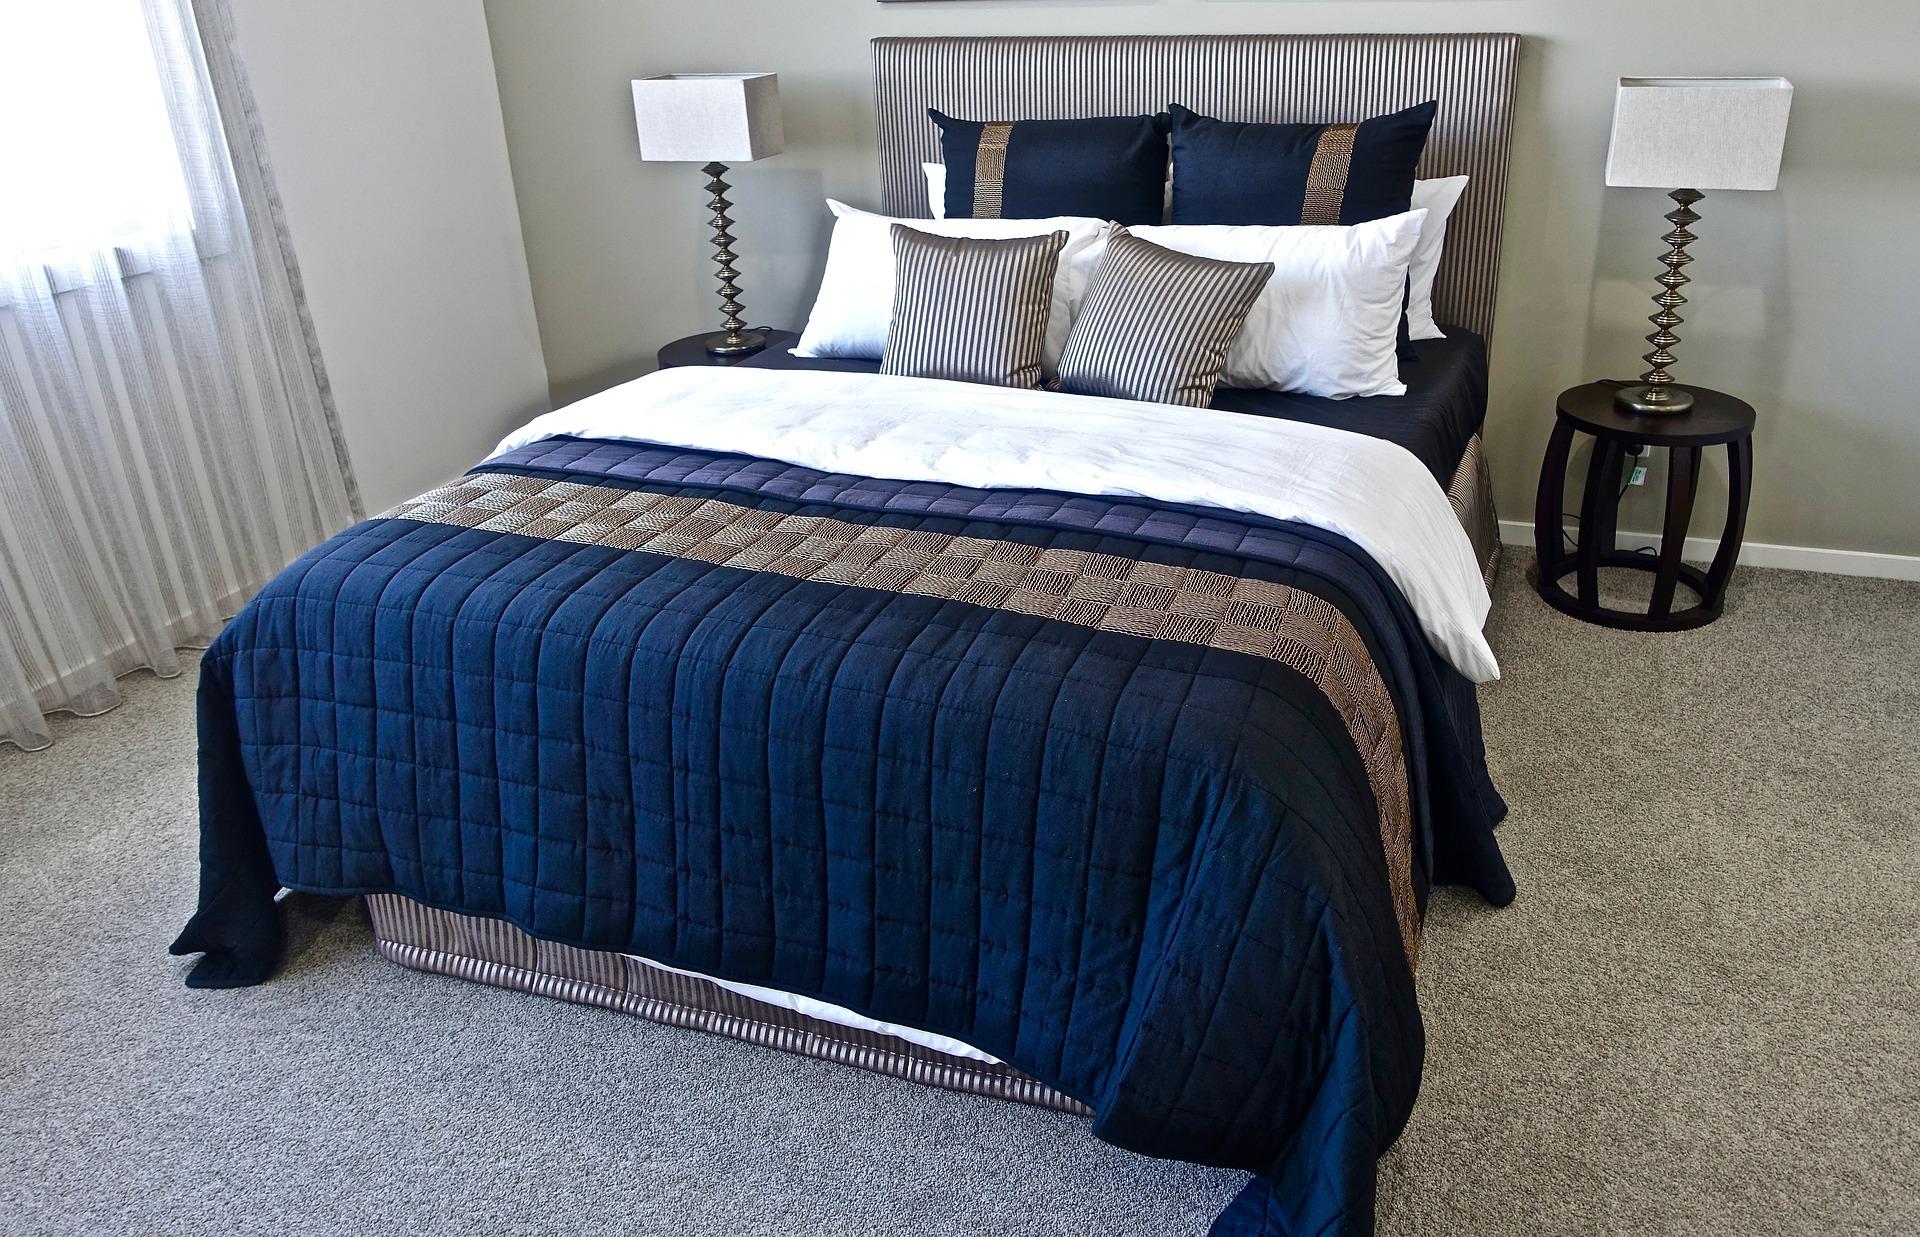 Slaapkamer interieur ideeën opdoen » Woning & Slaapkamer meubels